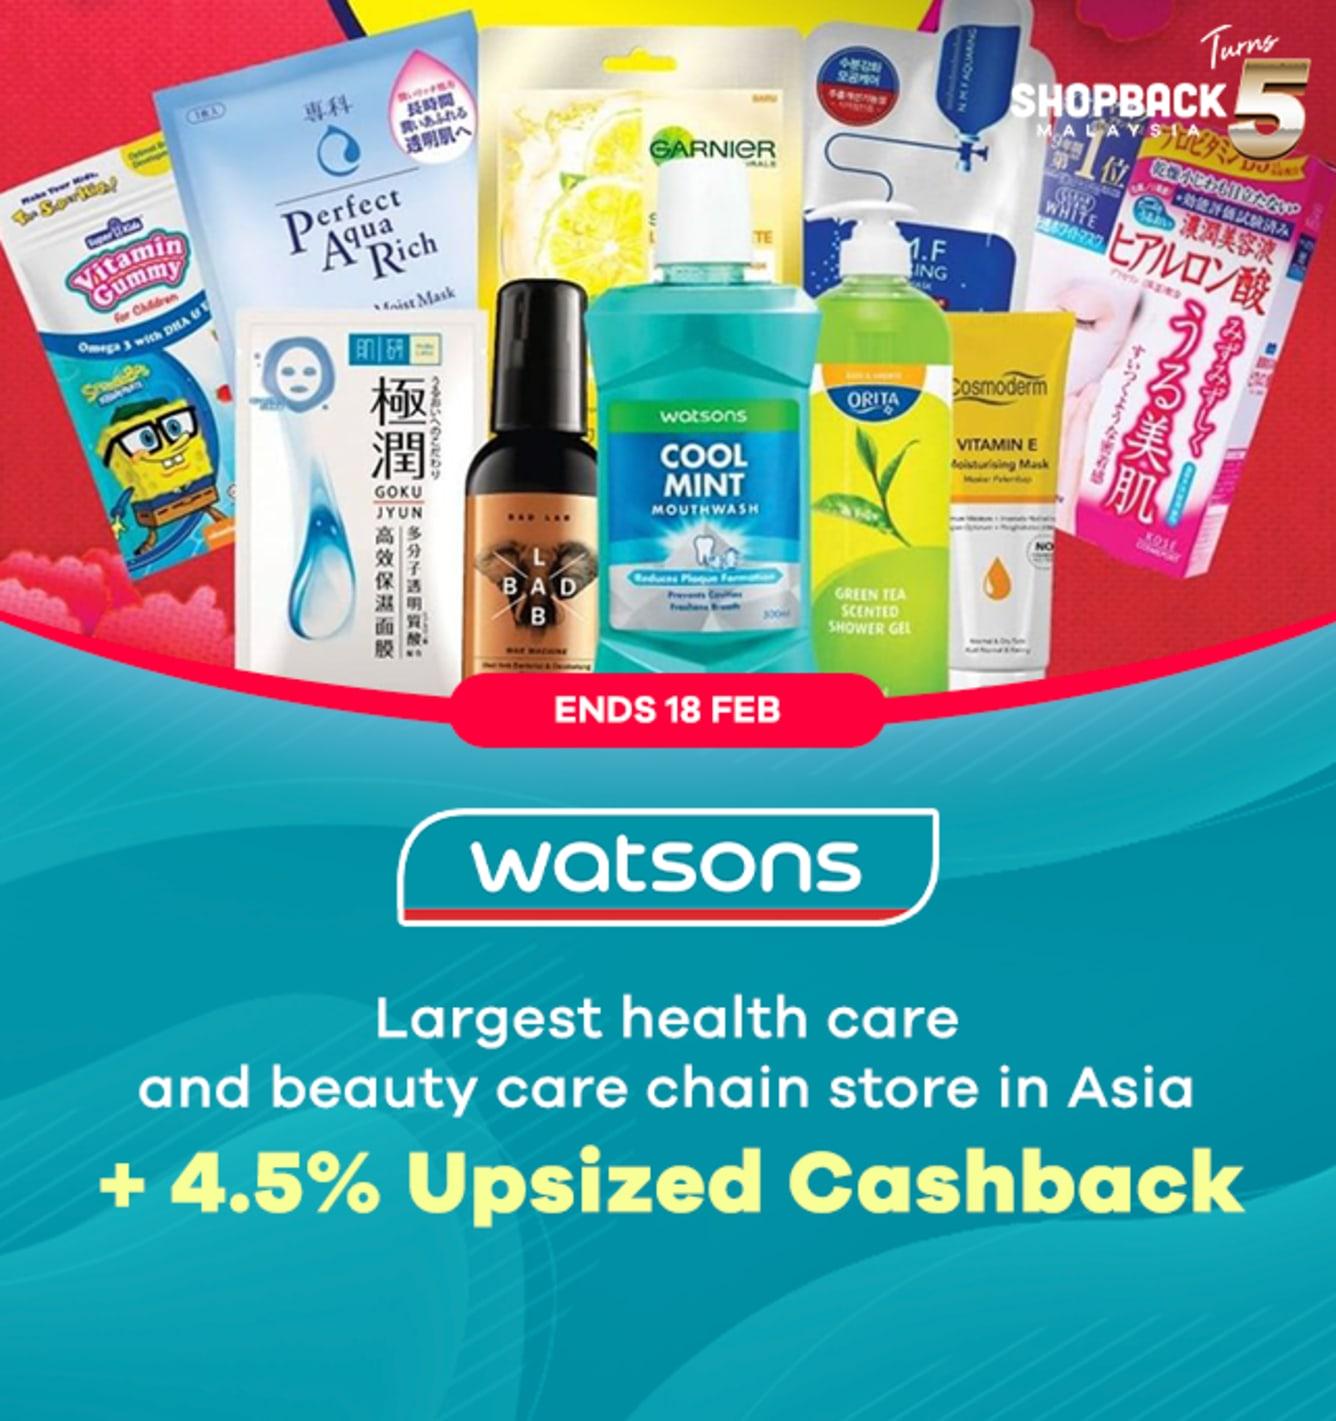 Watsons Upsized Cashback